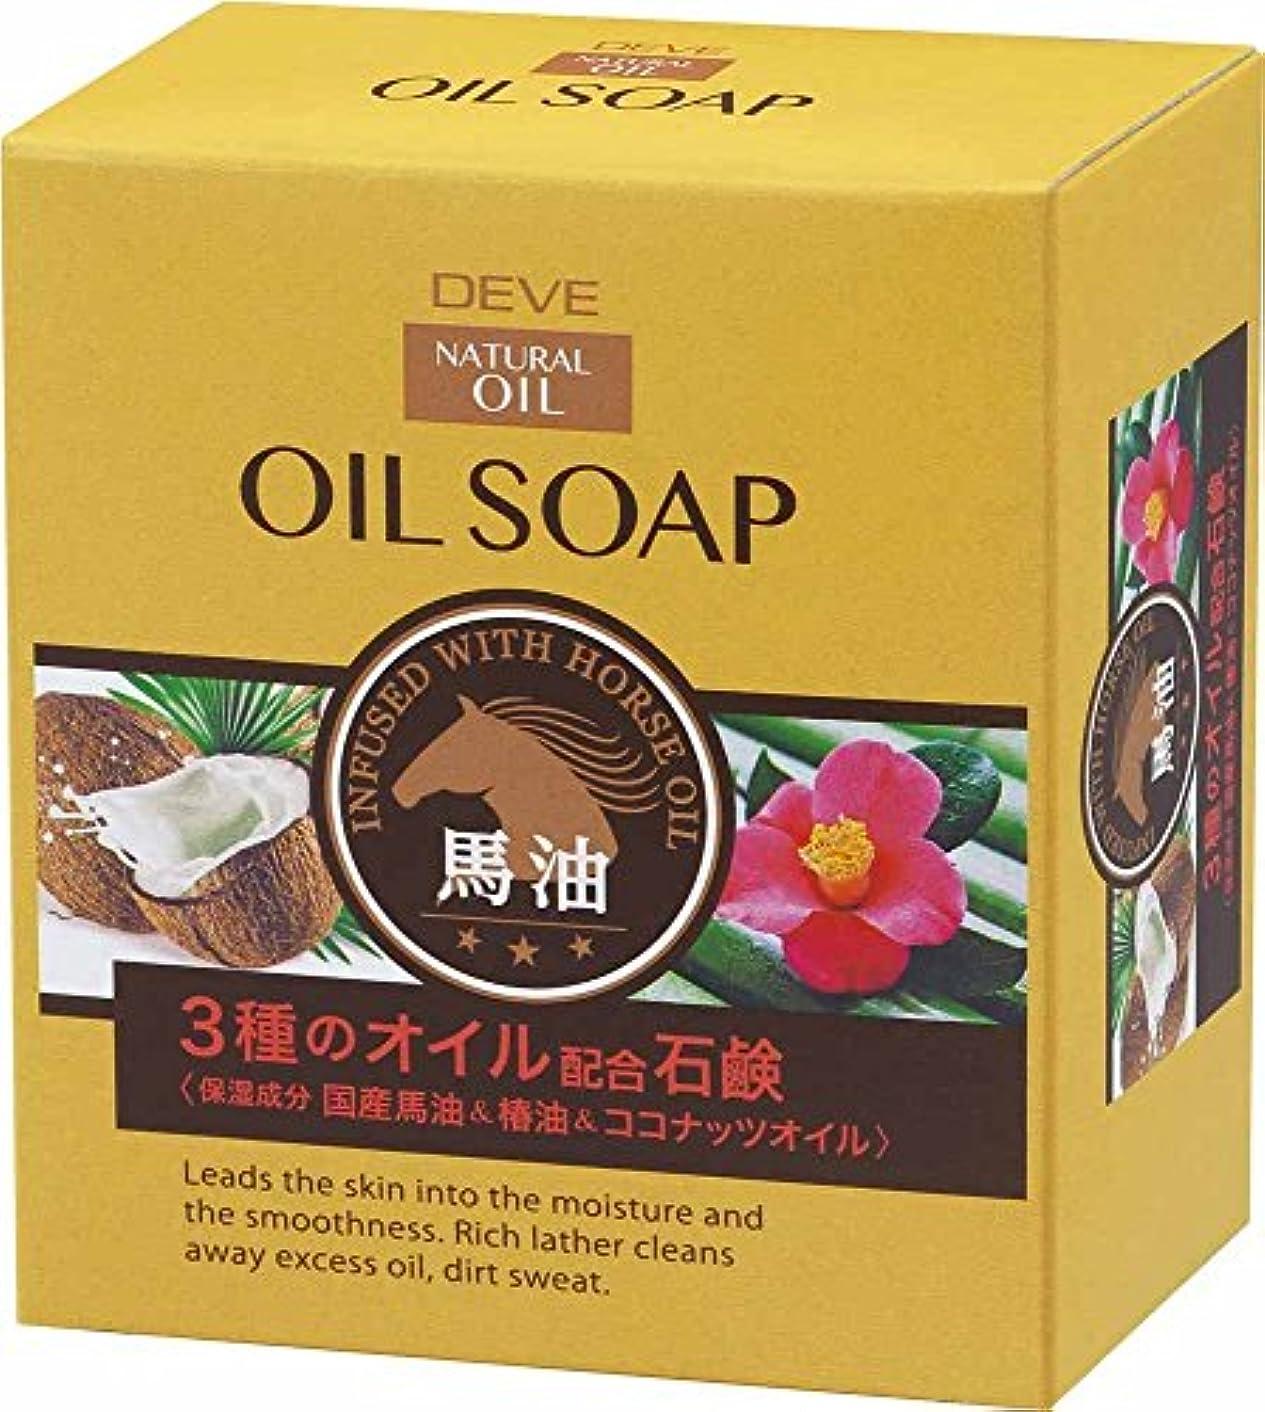 有用学ぶ中国ディブ 3種のオイルせっけん(馬油?椿油?ココナッツオイル) 100g